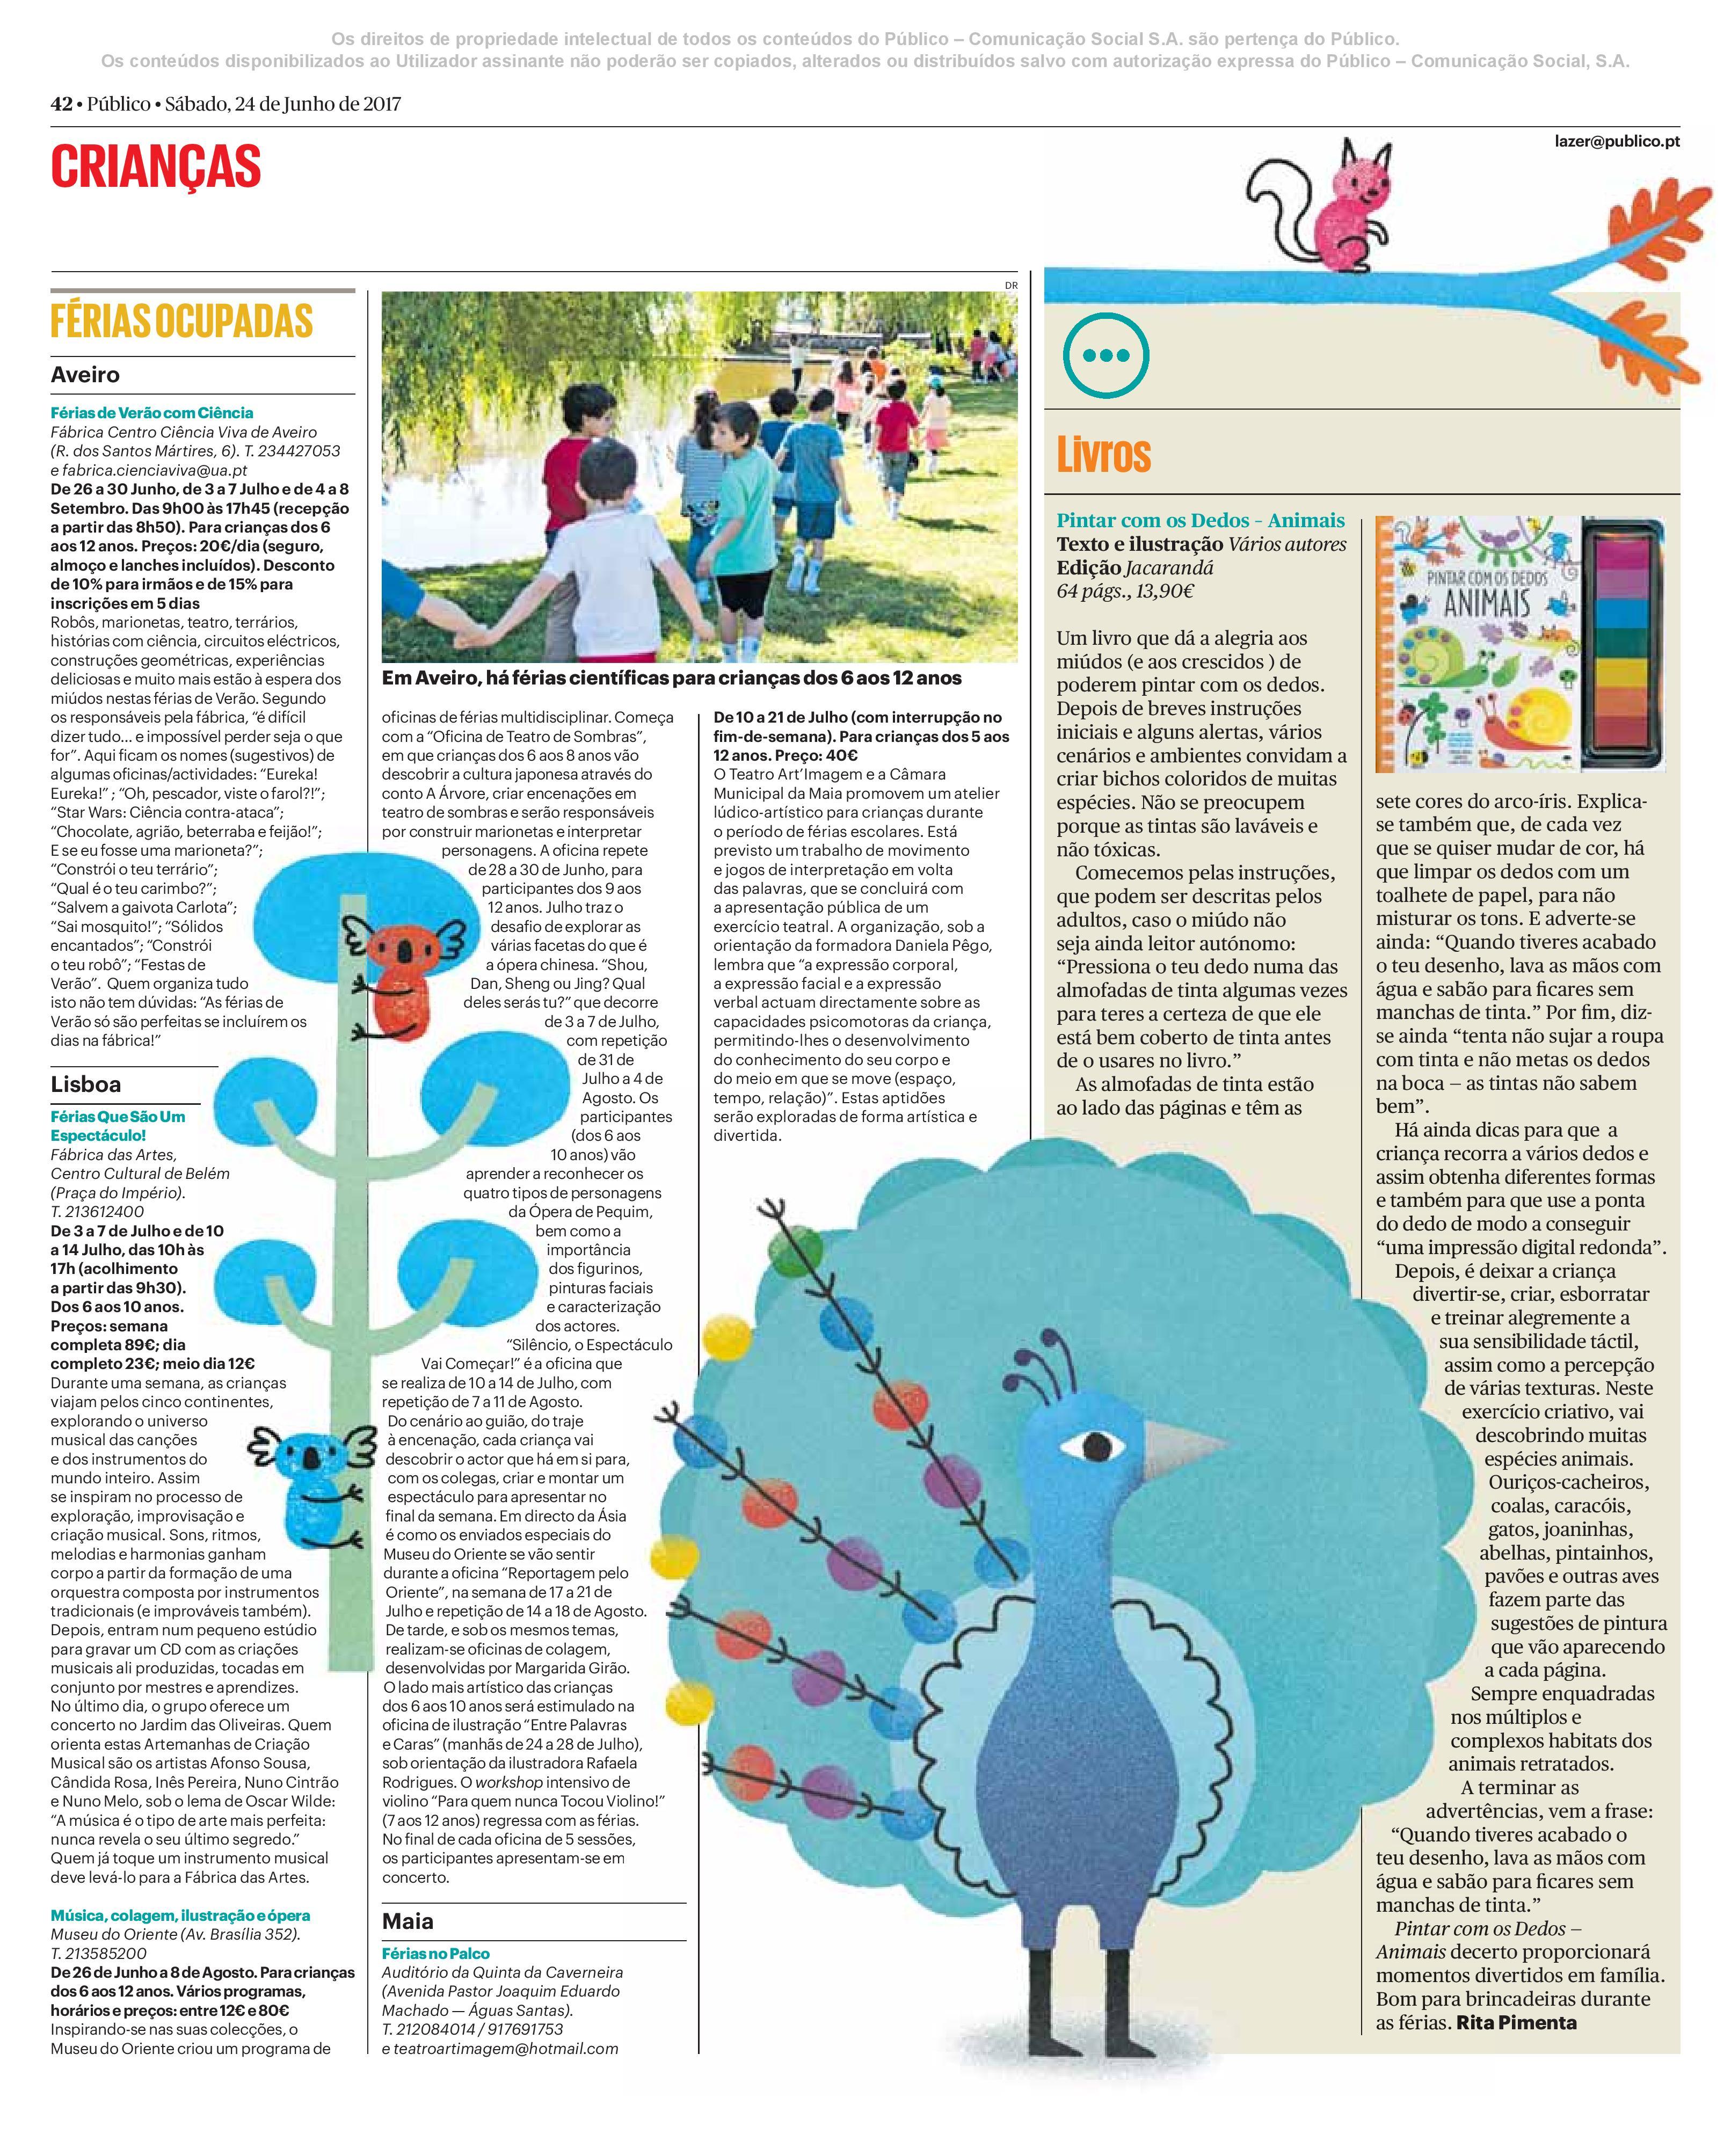 Crianças24Jun-page-001